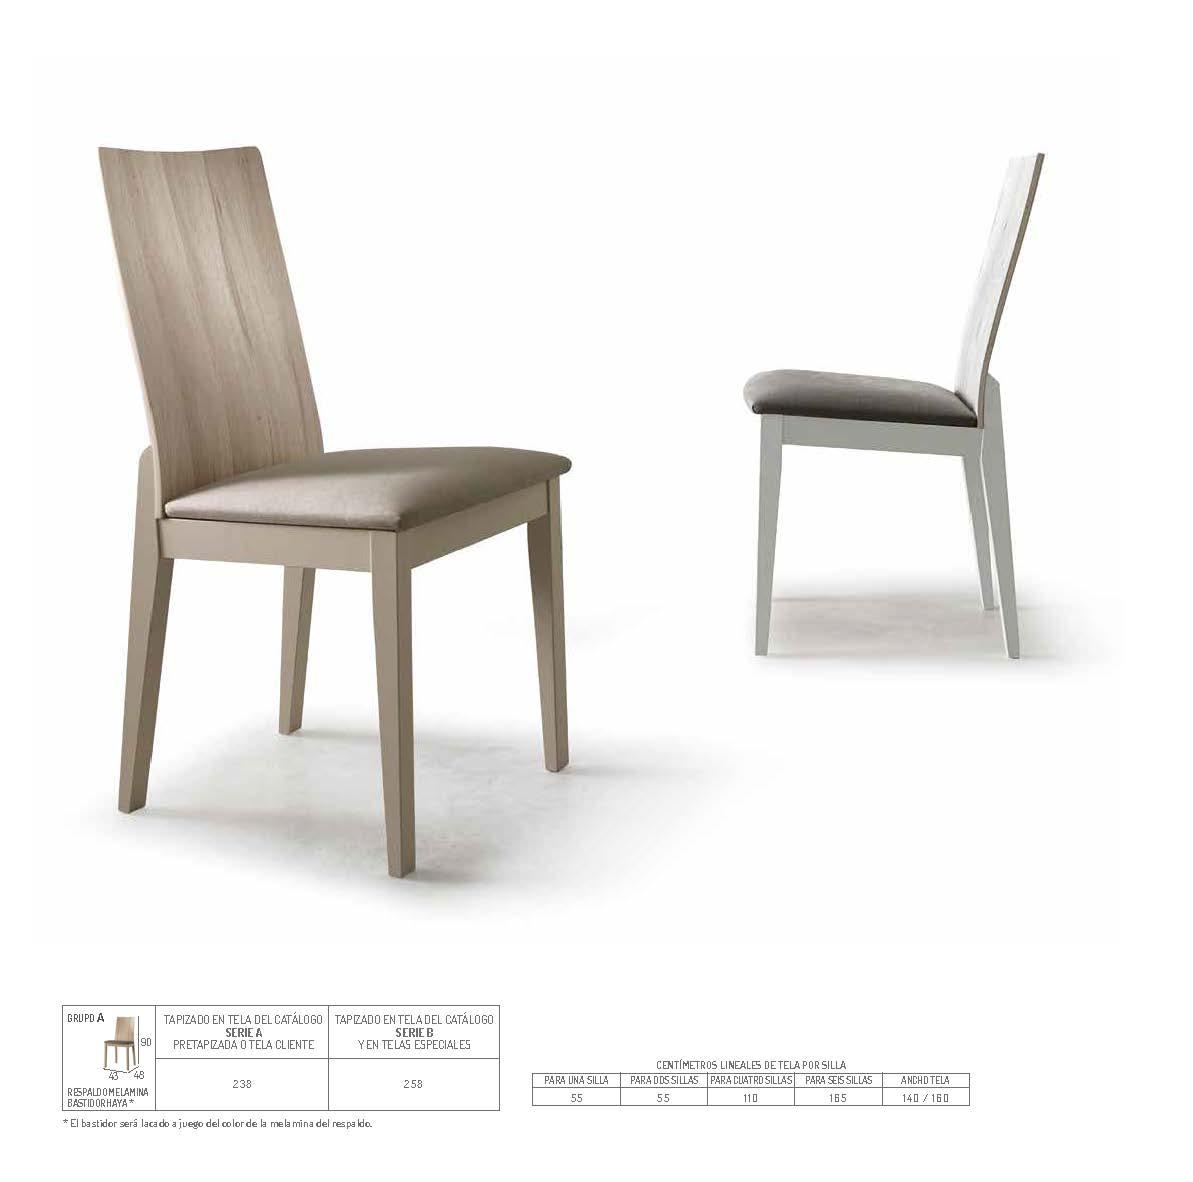 Ficha técnica de sillas de comedor 14f-0020